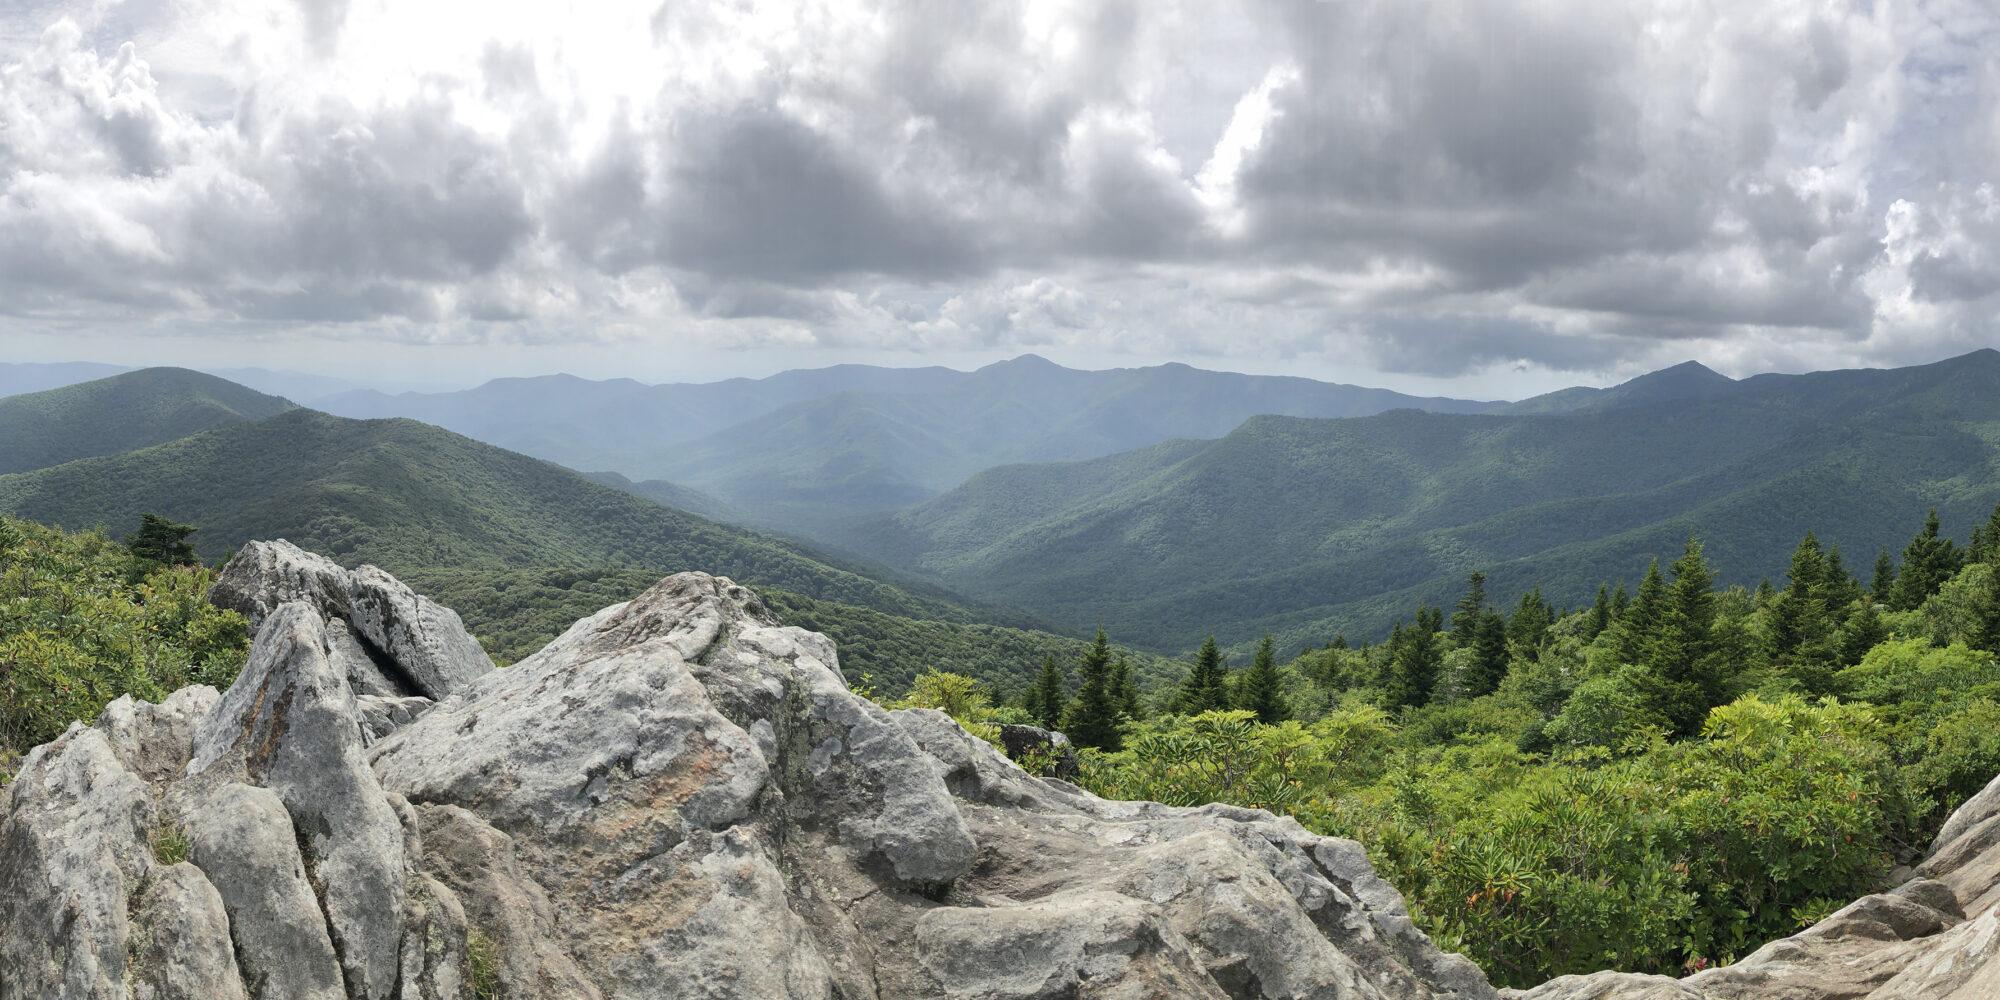 Mt Mitchell Pinnacle Trail Summit